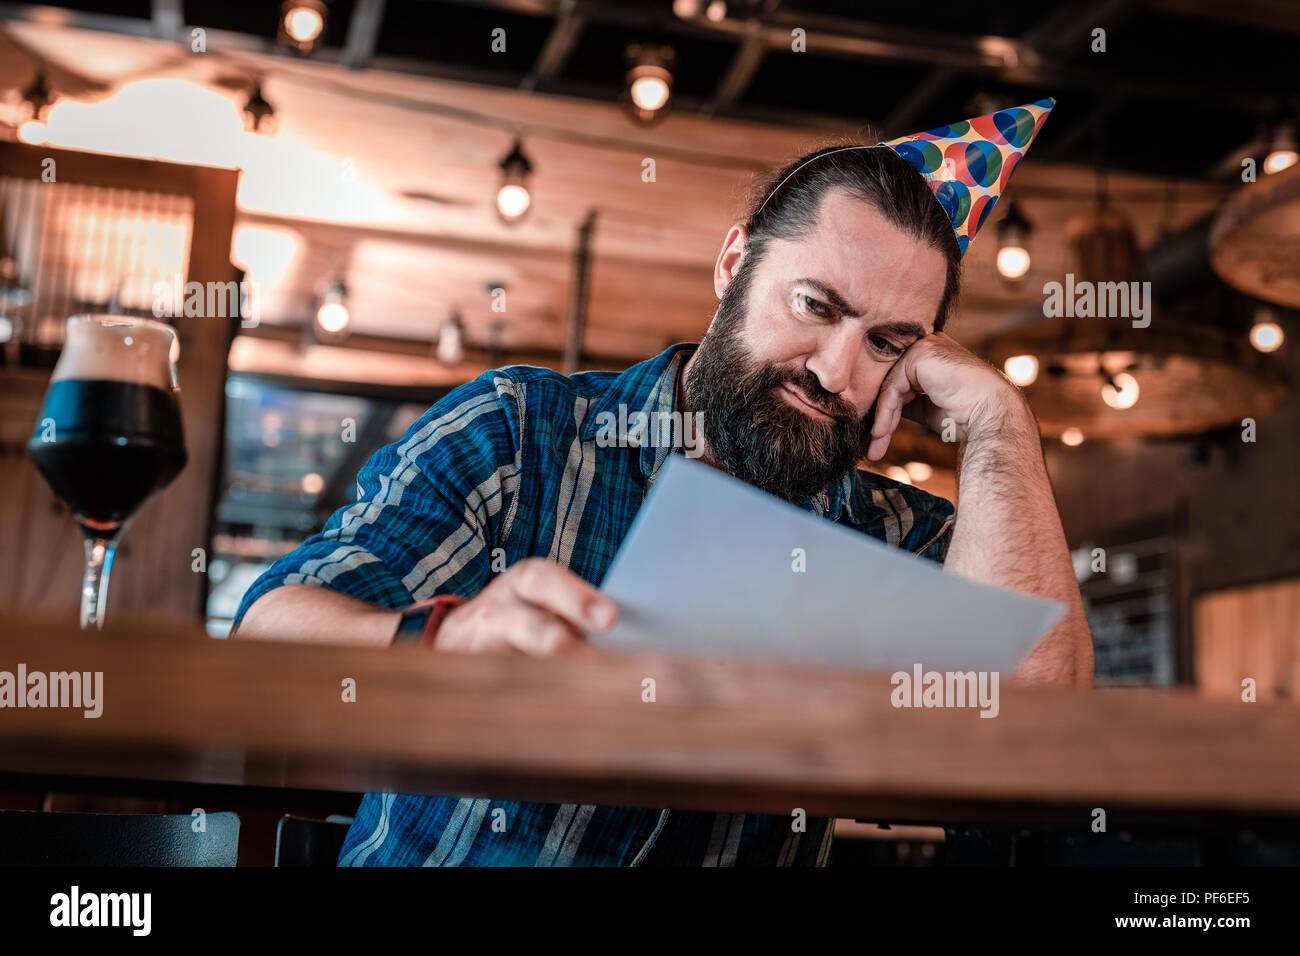 Morena hombre superar crisis de mediana edad sentado en bar Imagen De Stock